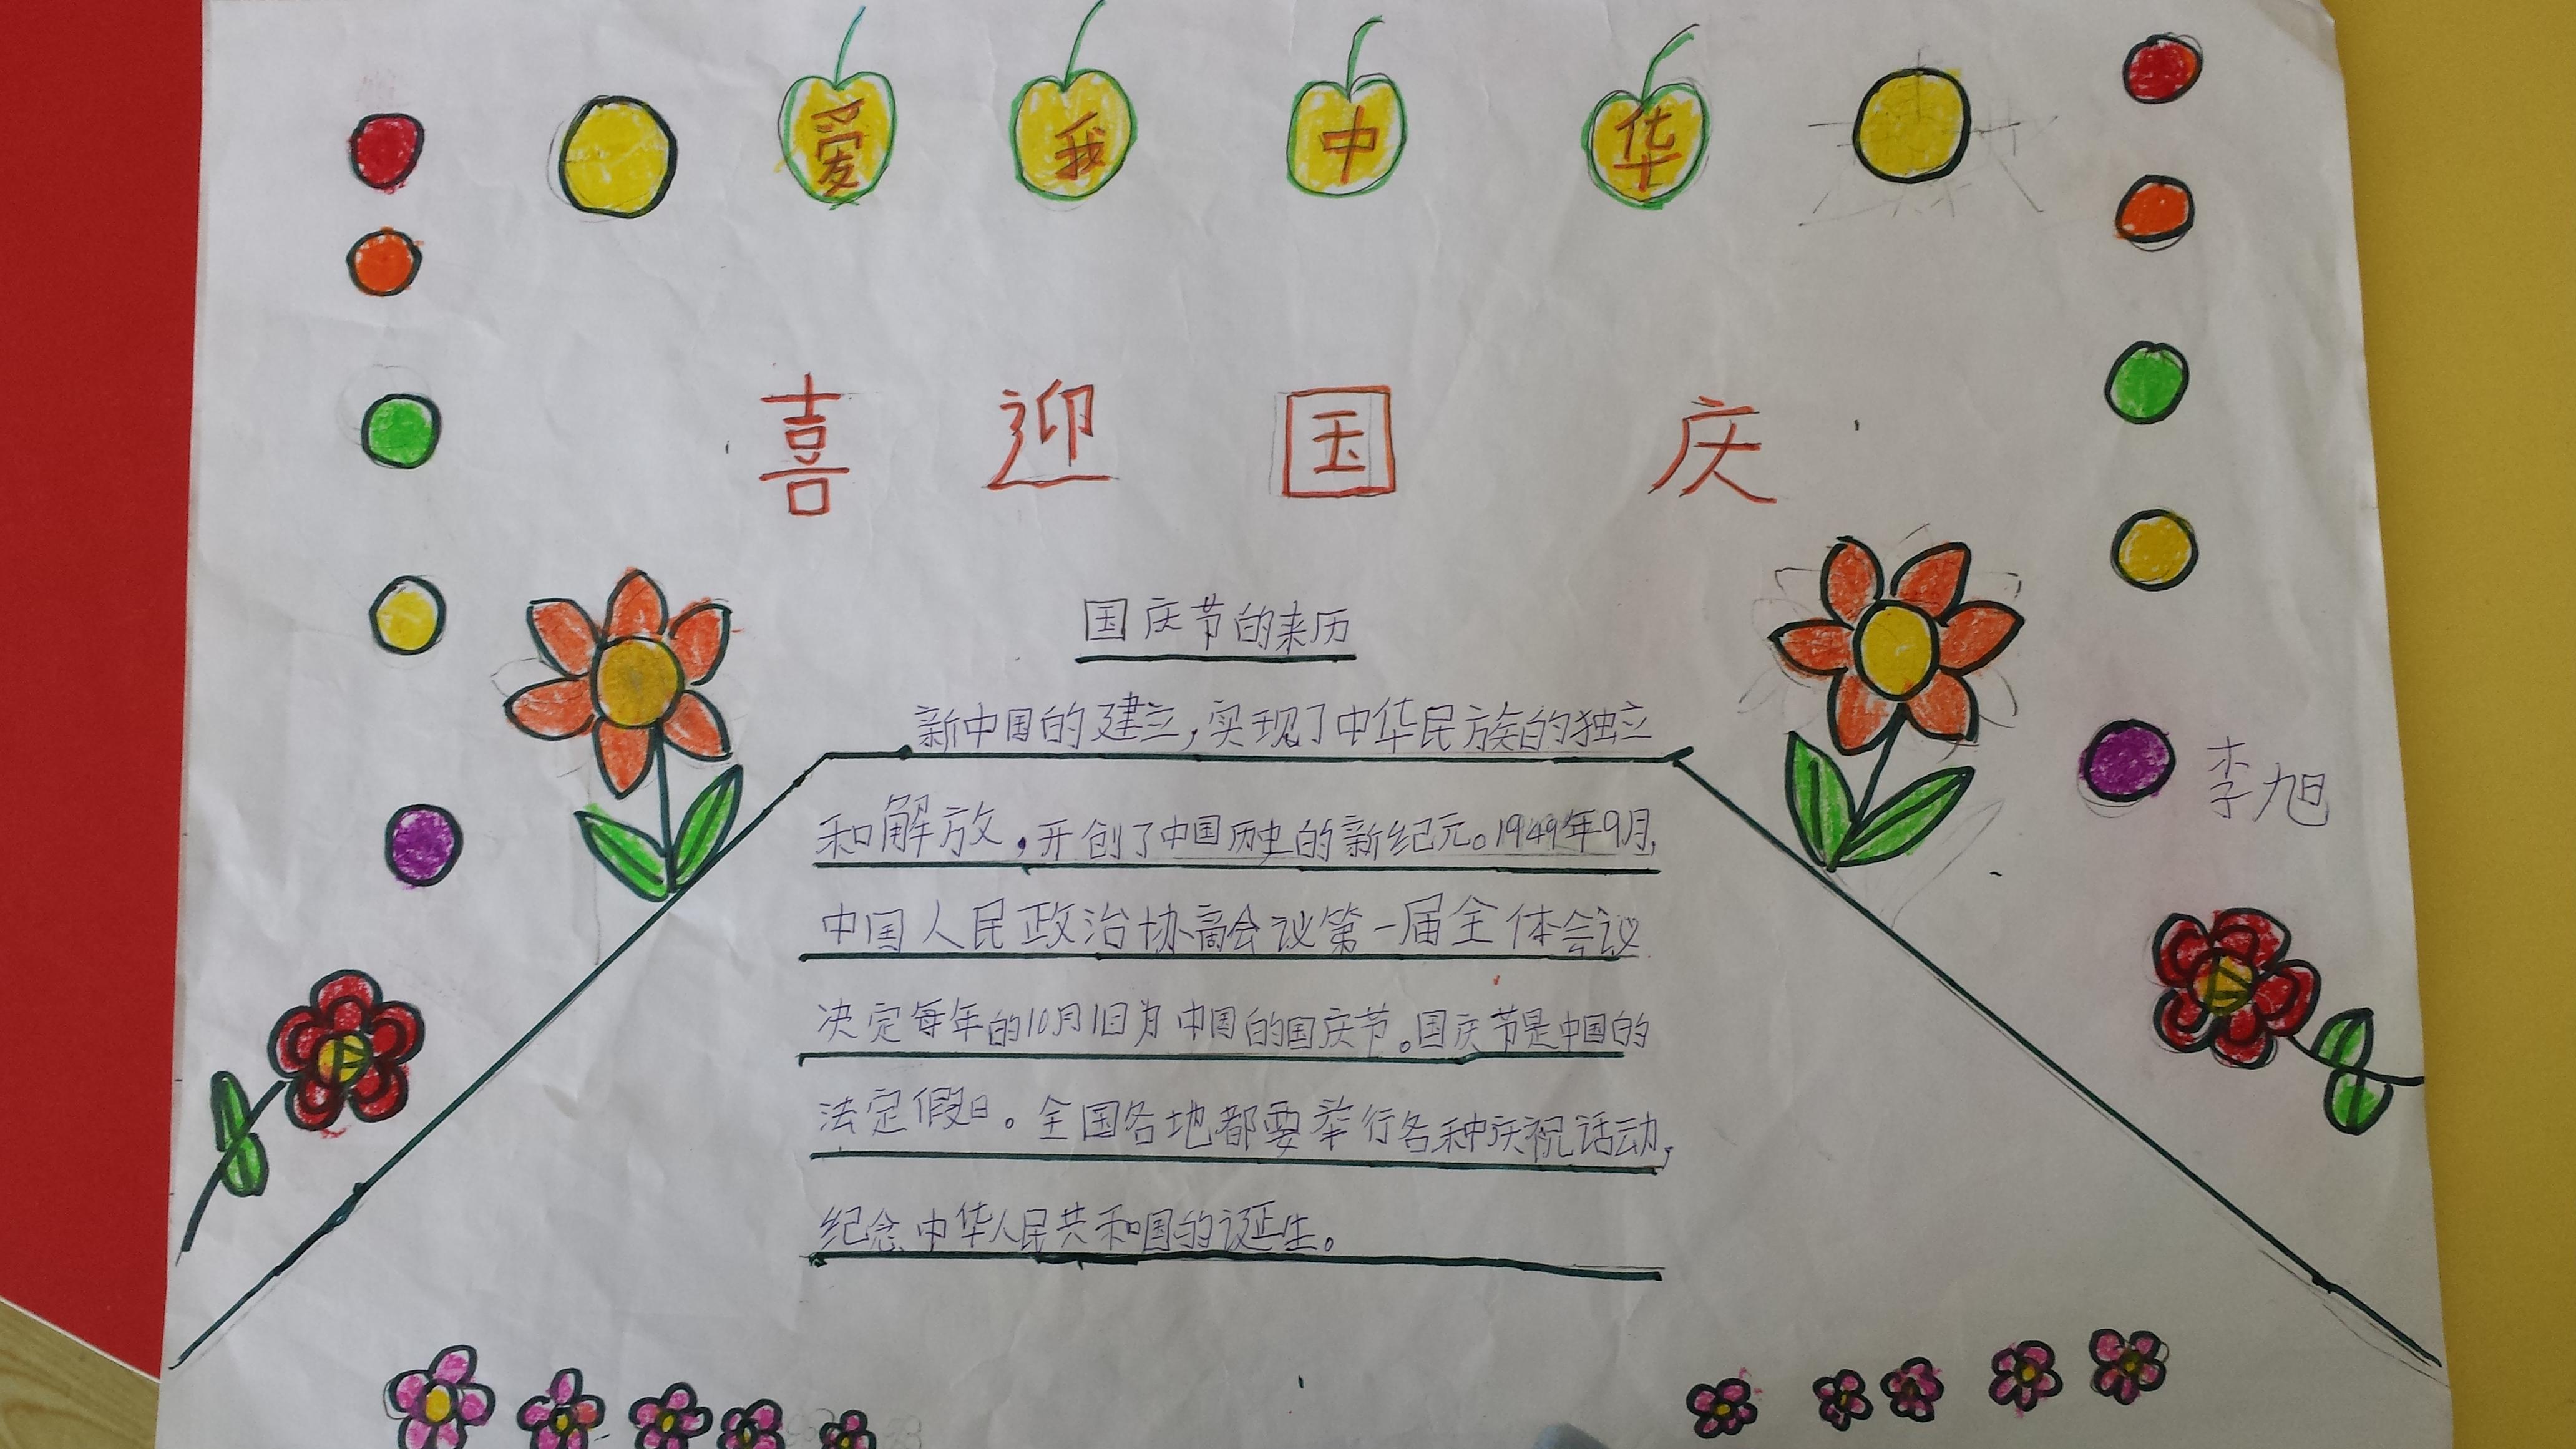 迎国庆 优秀学生手抄报图片